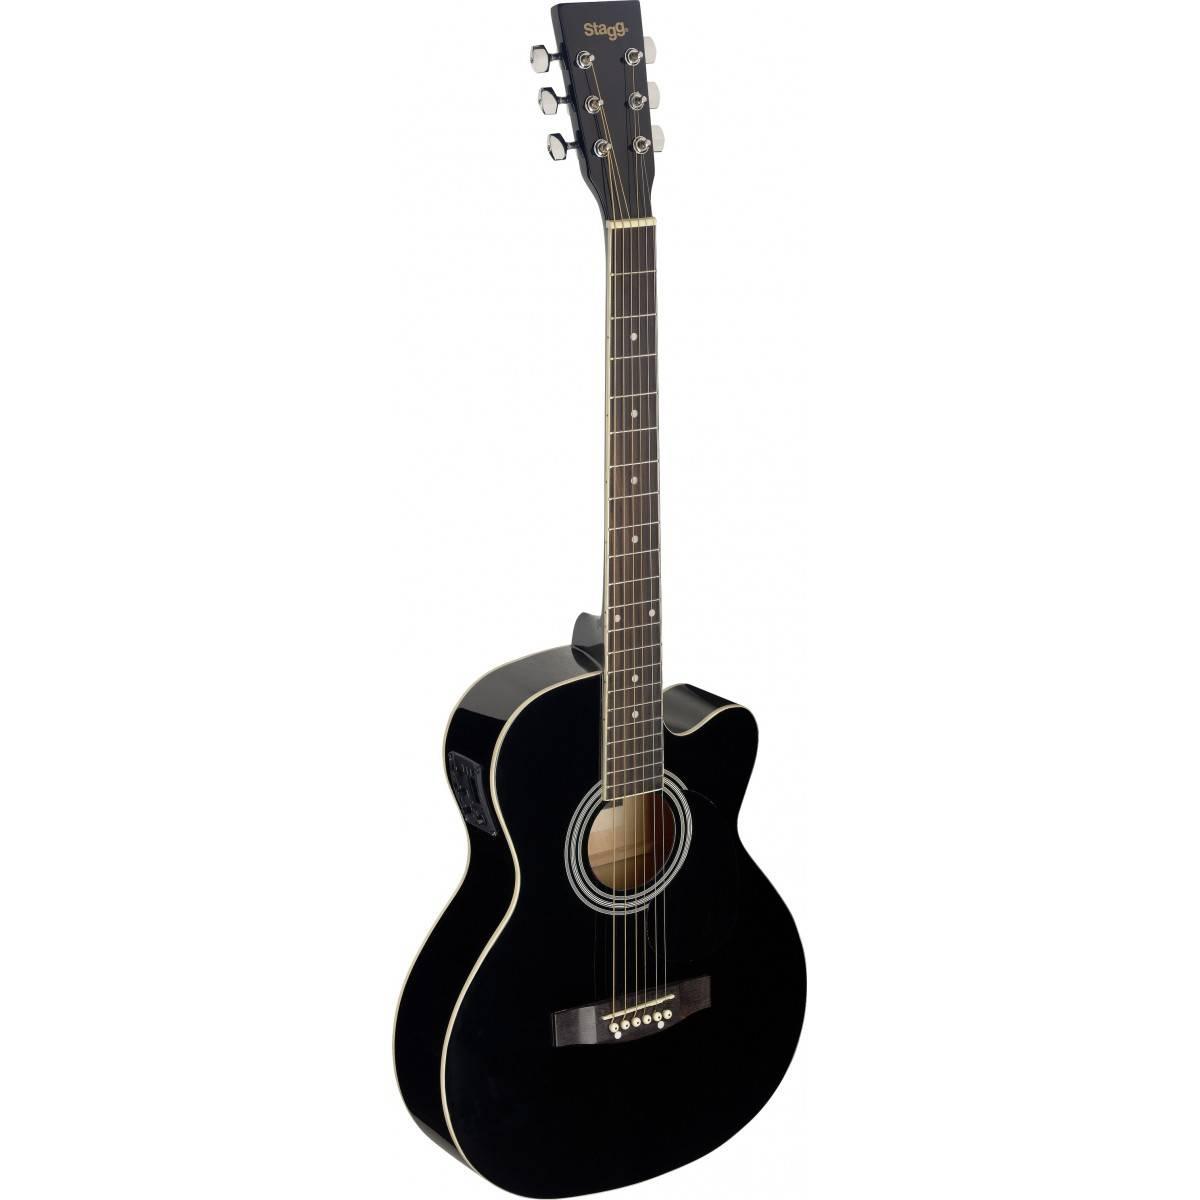 guitare folk electro acoustique noir taille 4 4 noizikidz. Black Bedroom Furniture Sets. Home Design Ideas